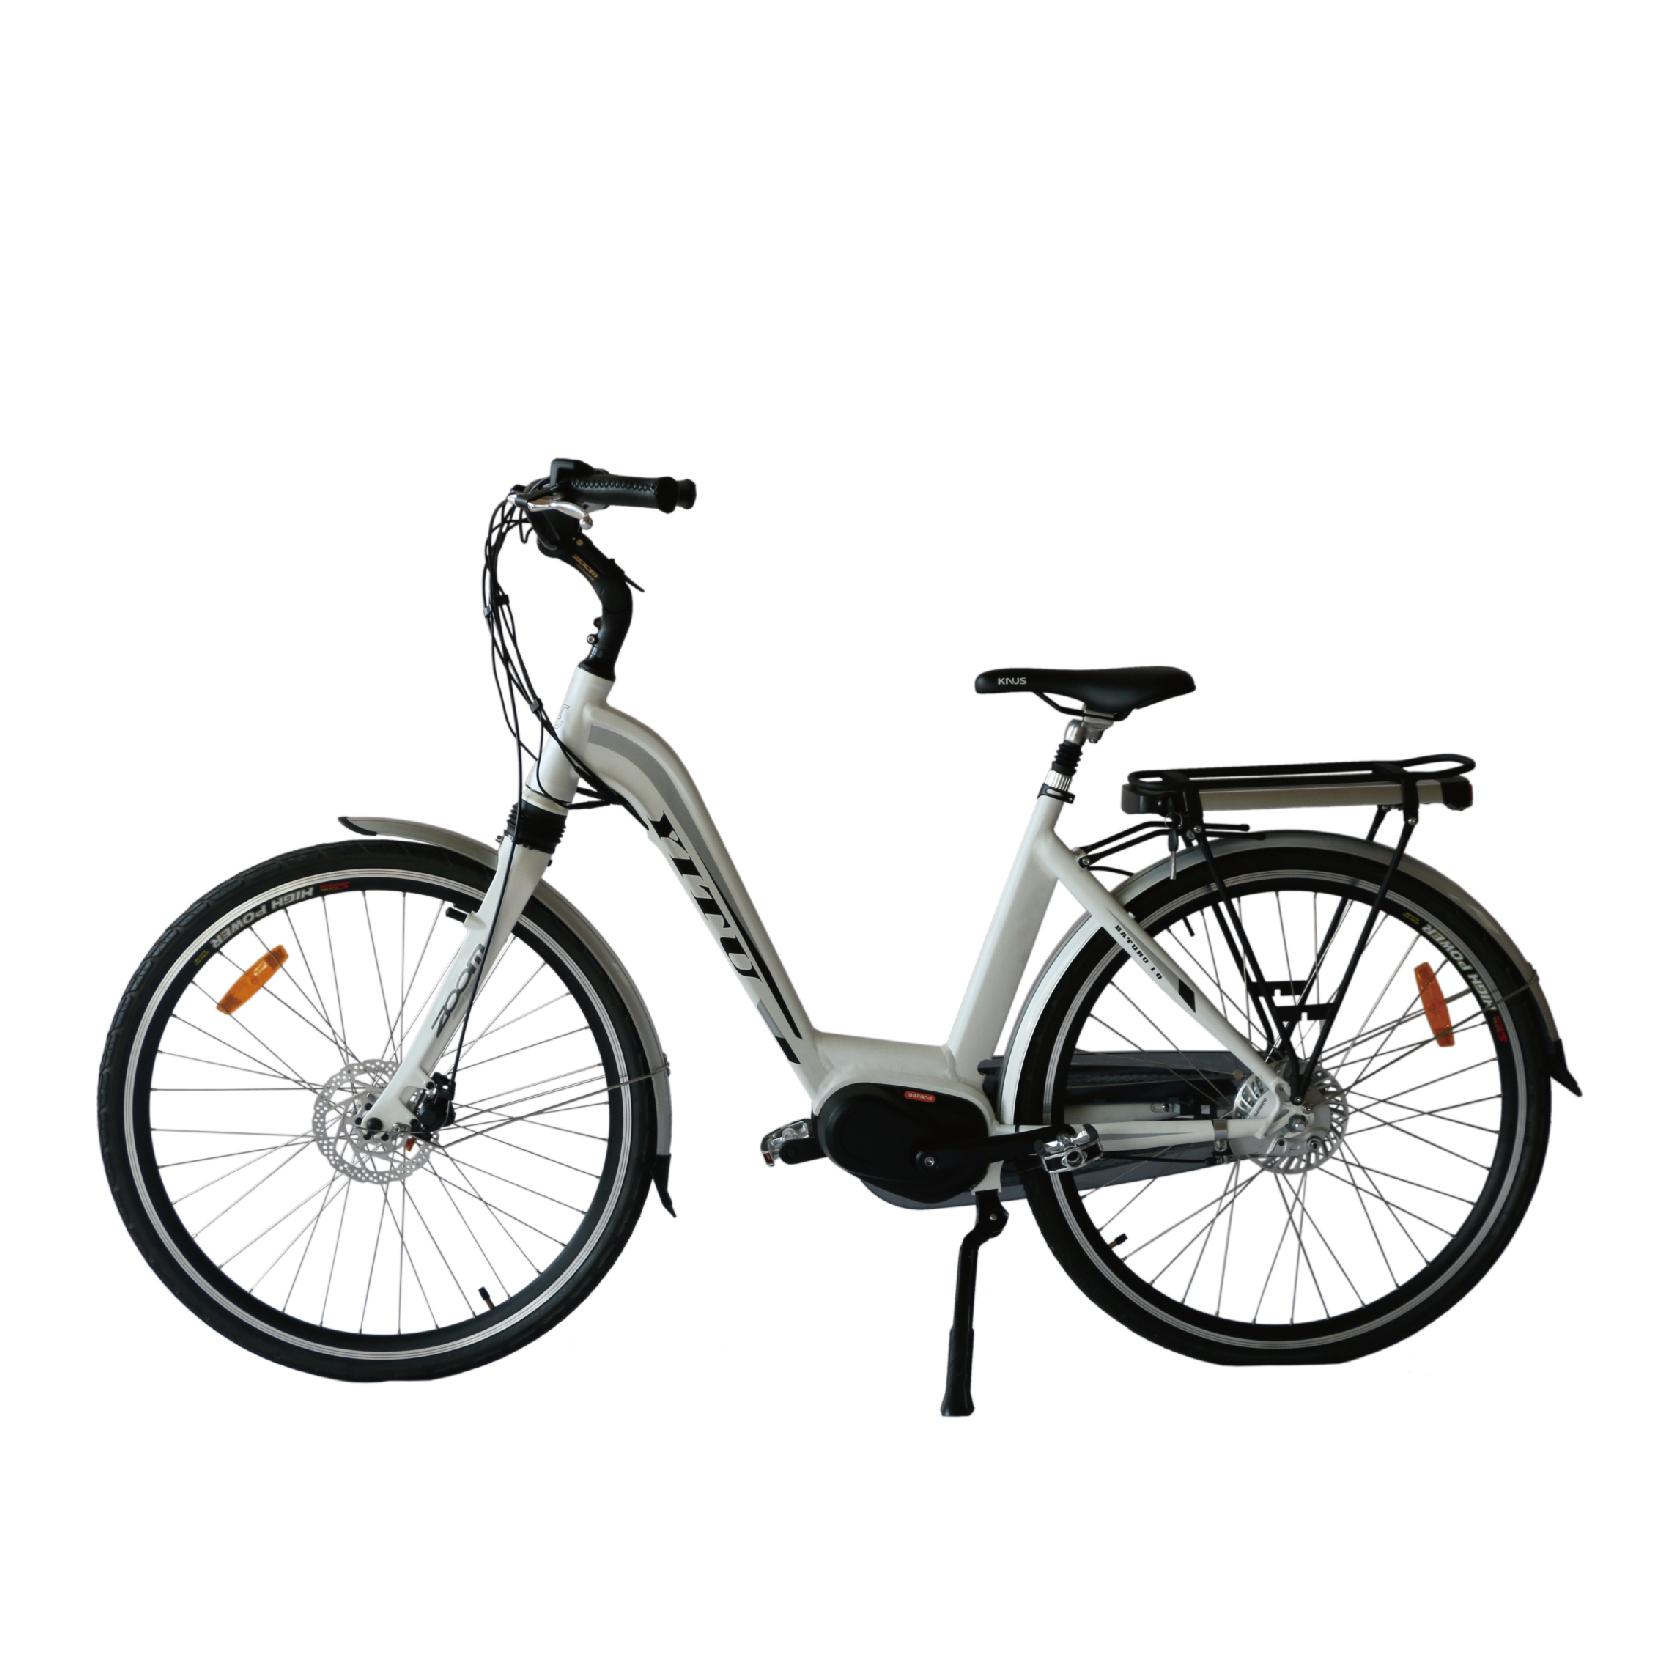 700c torque sensor mid drive motor city electric bike for Mid motor electric bike